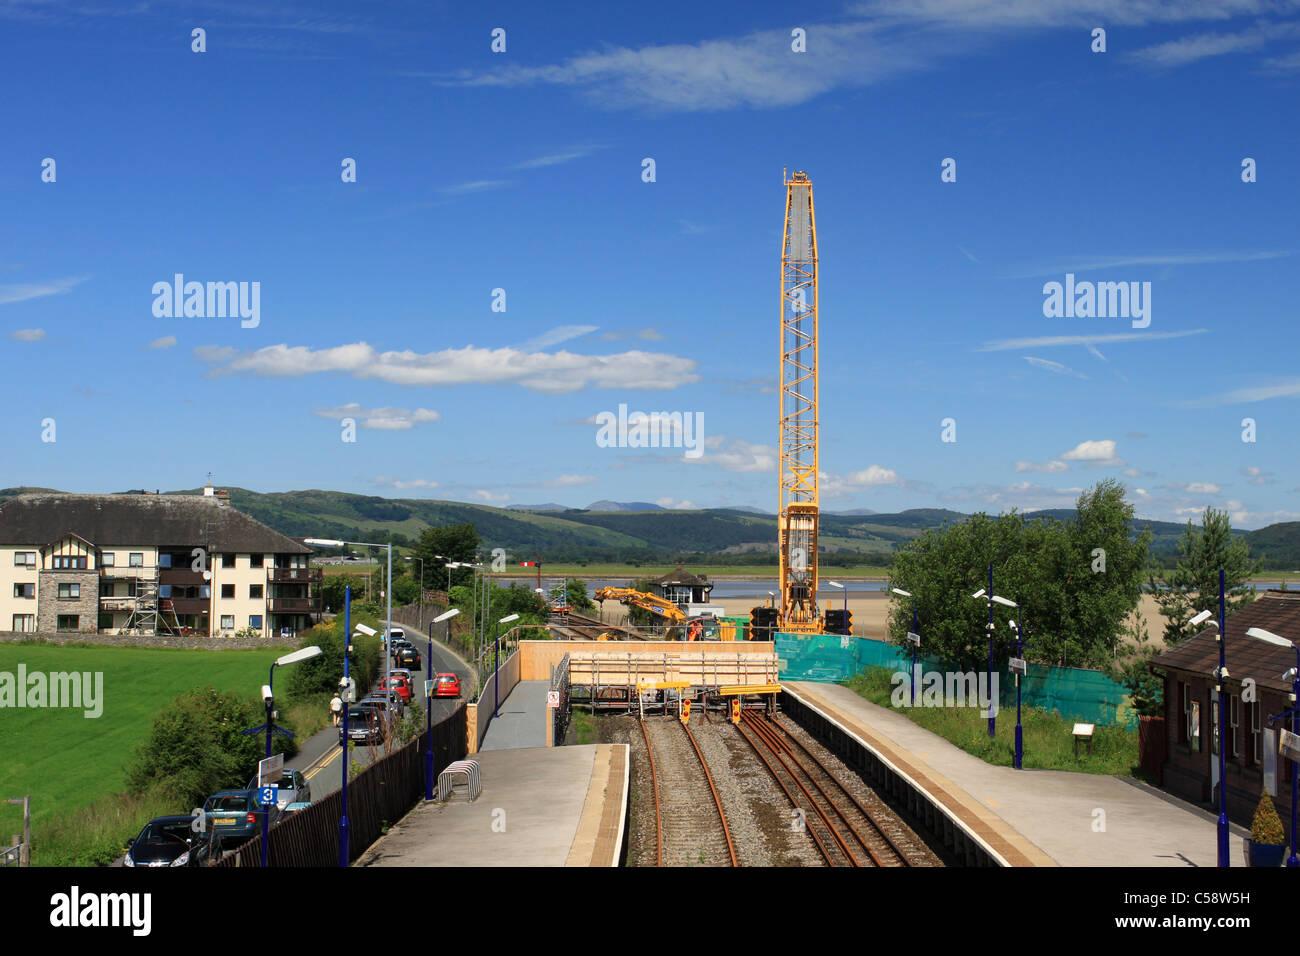 Blocus de Furness Line à Arnside pendant le travail pour remplacer le pont Viaduc à Arnside. Photo Stock